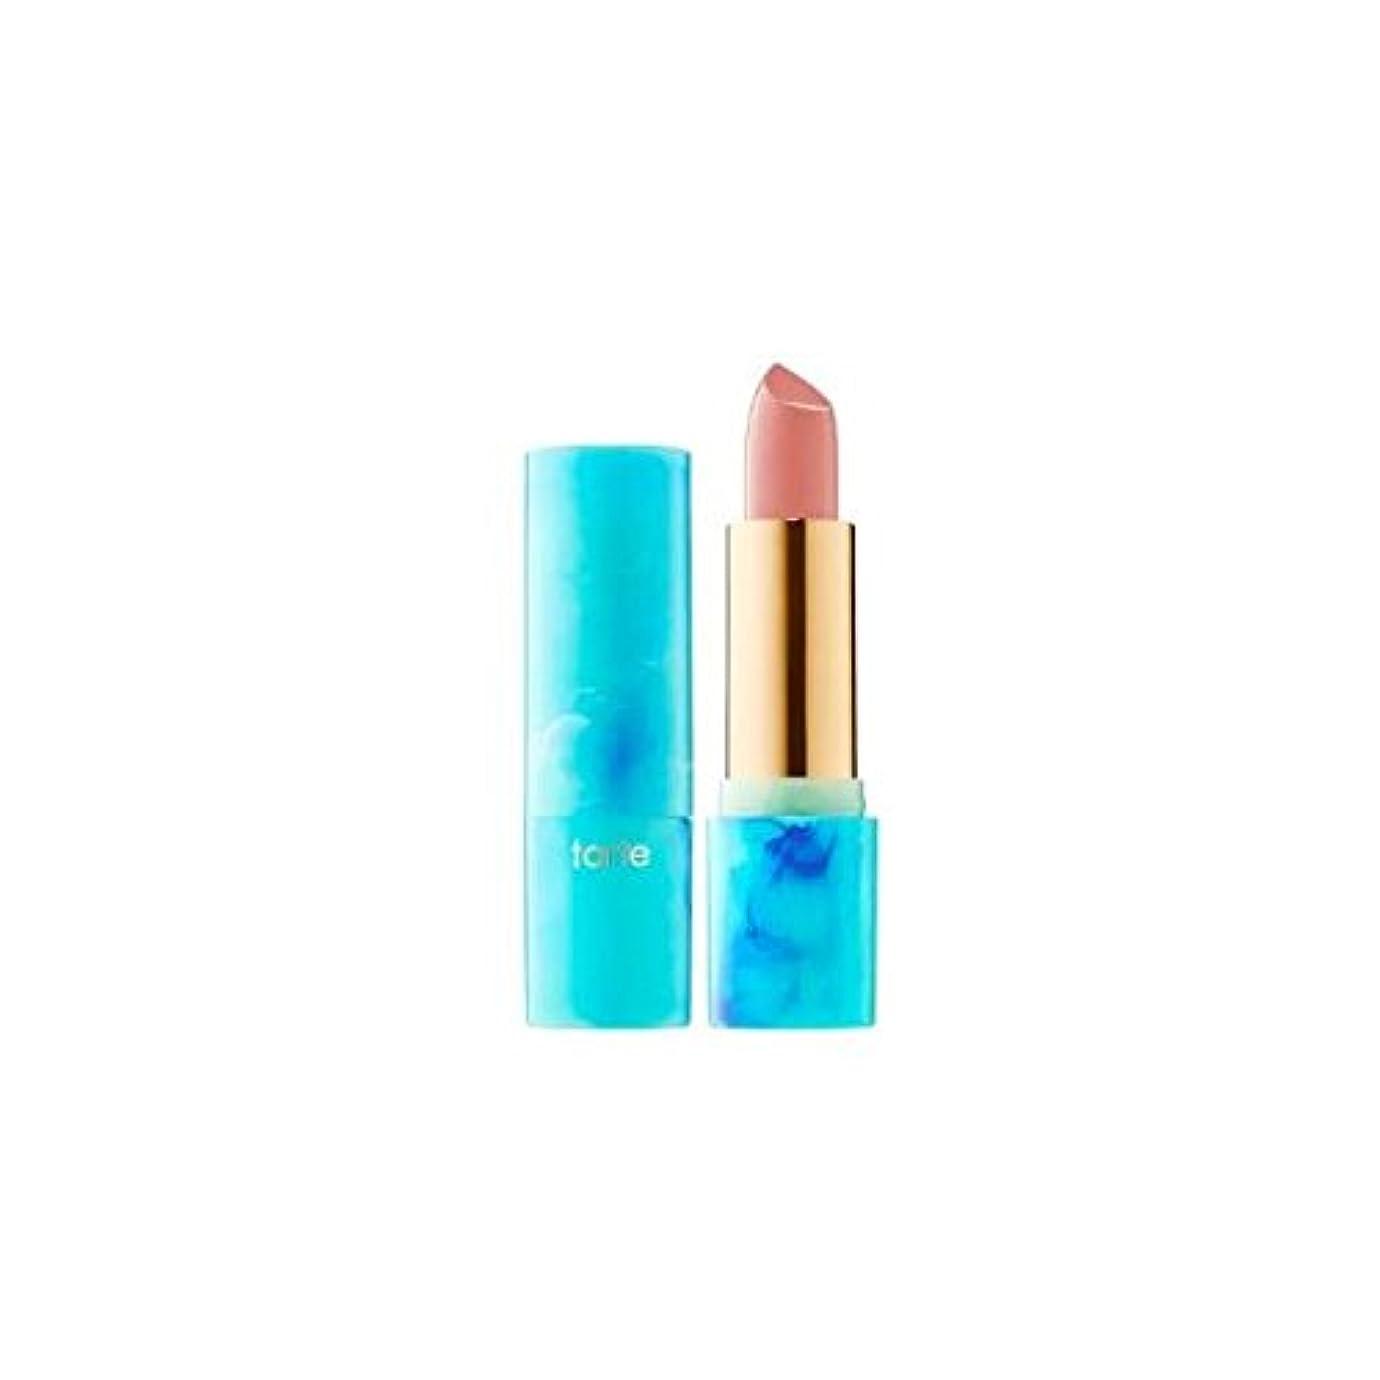 導入するグローブ独占tarteタルト リップ Color Splash Lipstick - Rainforest of the Sea Collection Satin finish